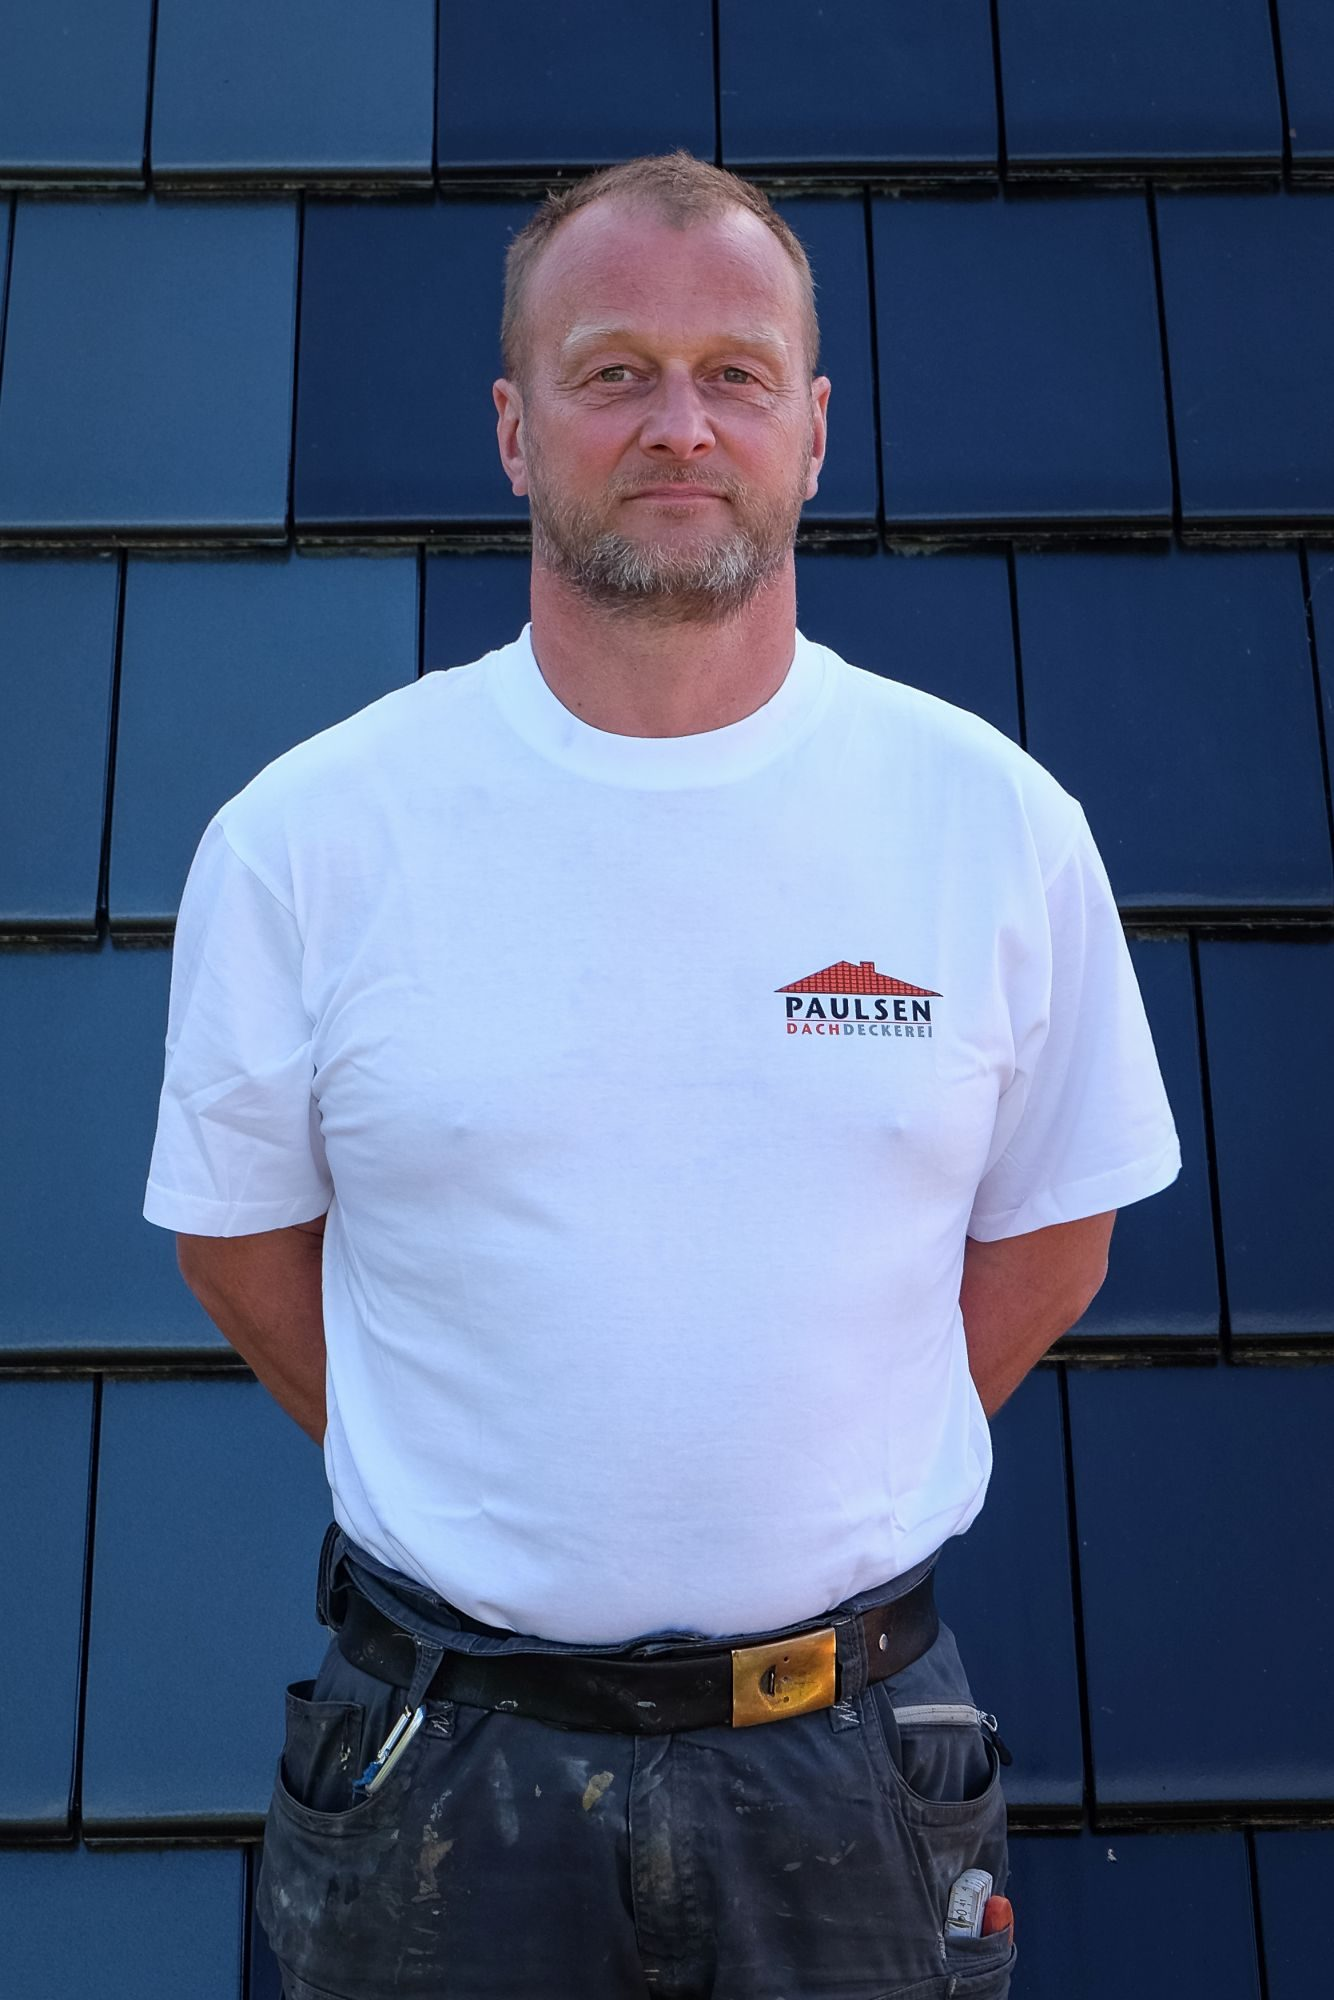 Rainer Knop